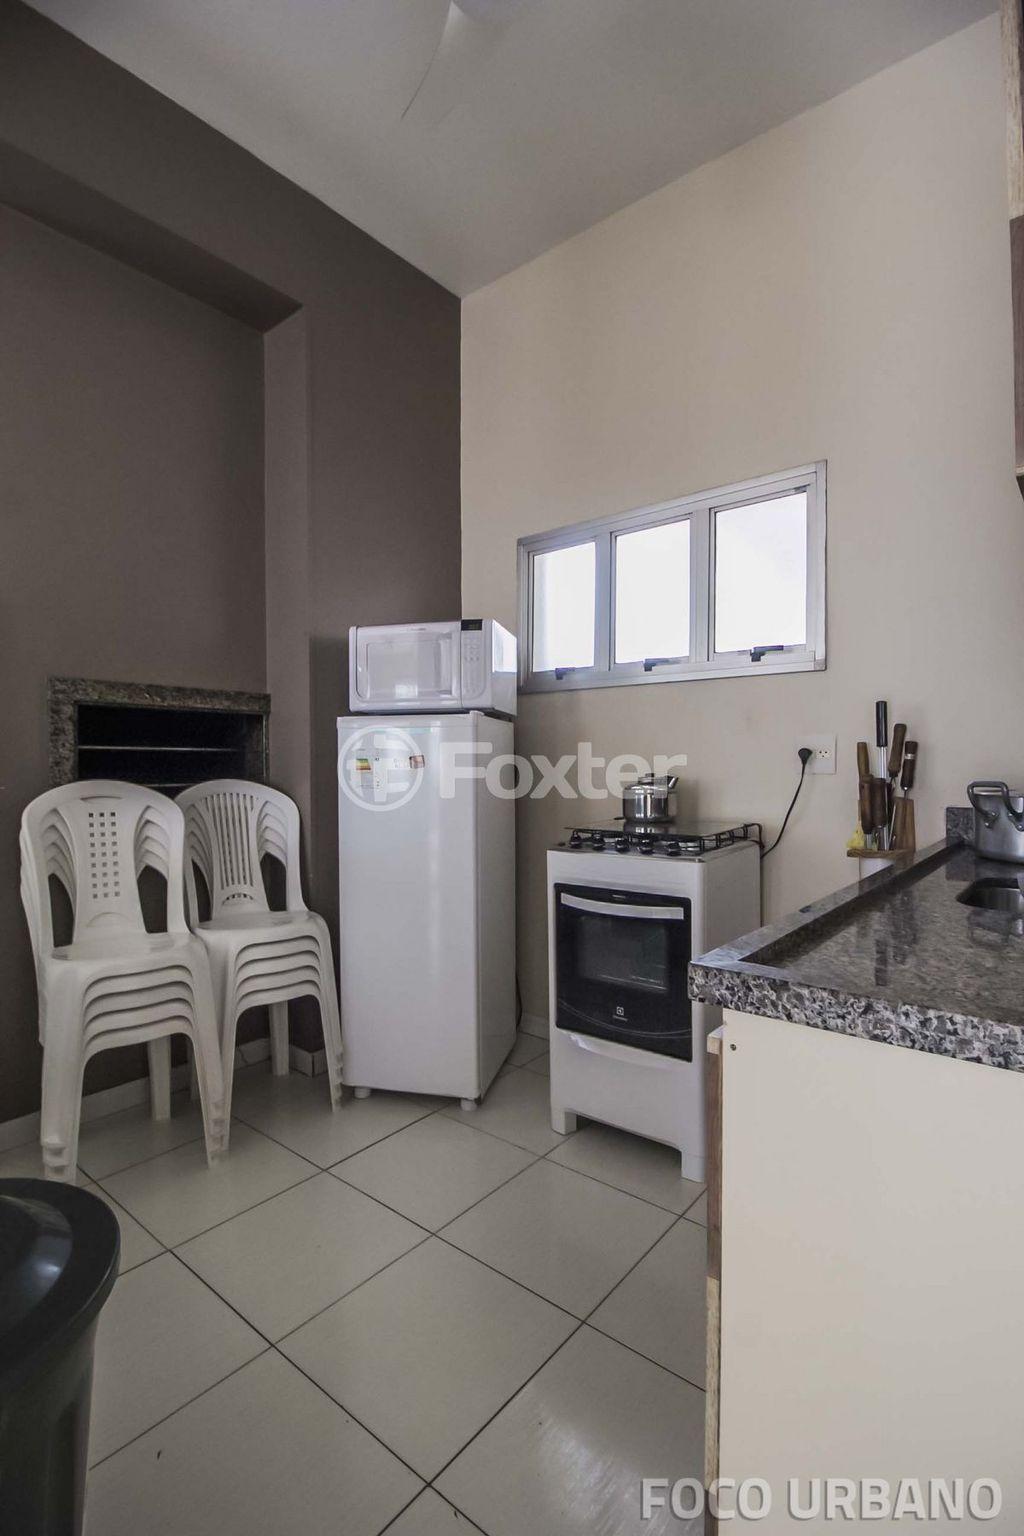 Foxter Imobiliária - Apto 2 Dorm, Sarandi (7600) - Foto 4